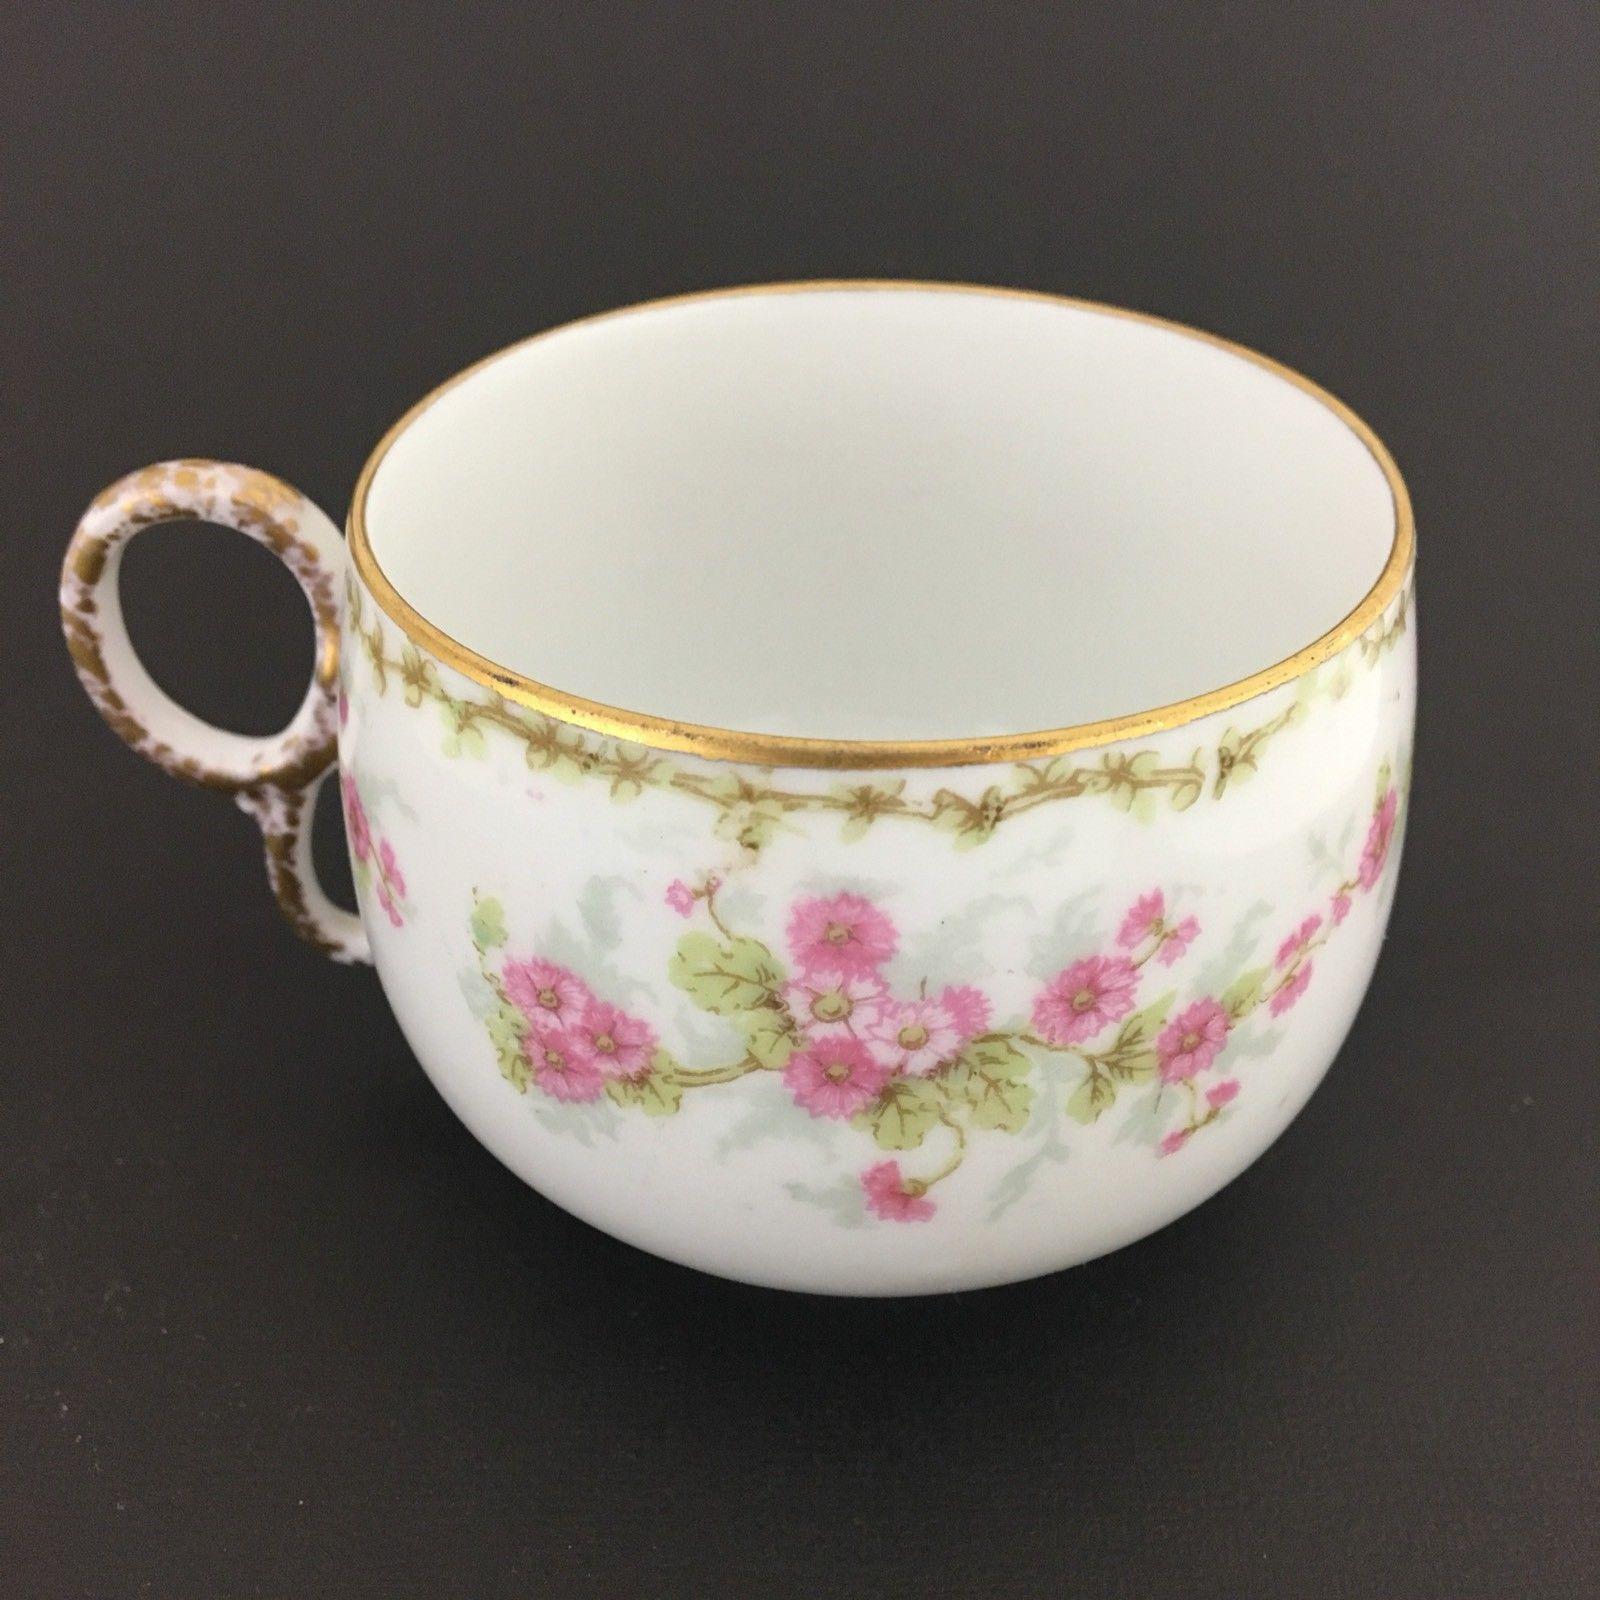 ELITE WORKS LIMOGES PINK ROSES FLORAL FANCY GOLD TEA CUP AND SAUCER